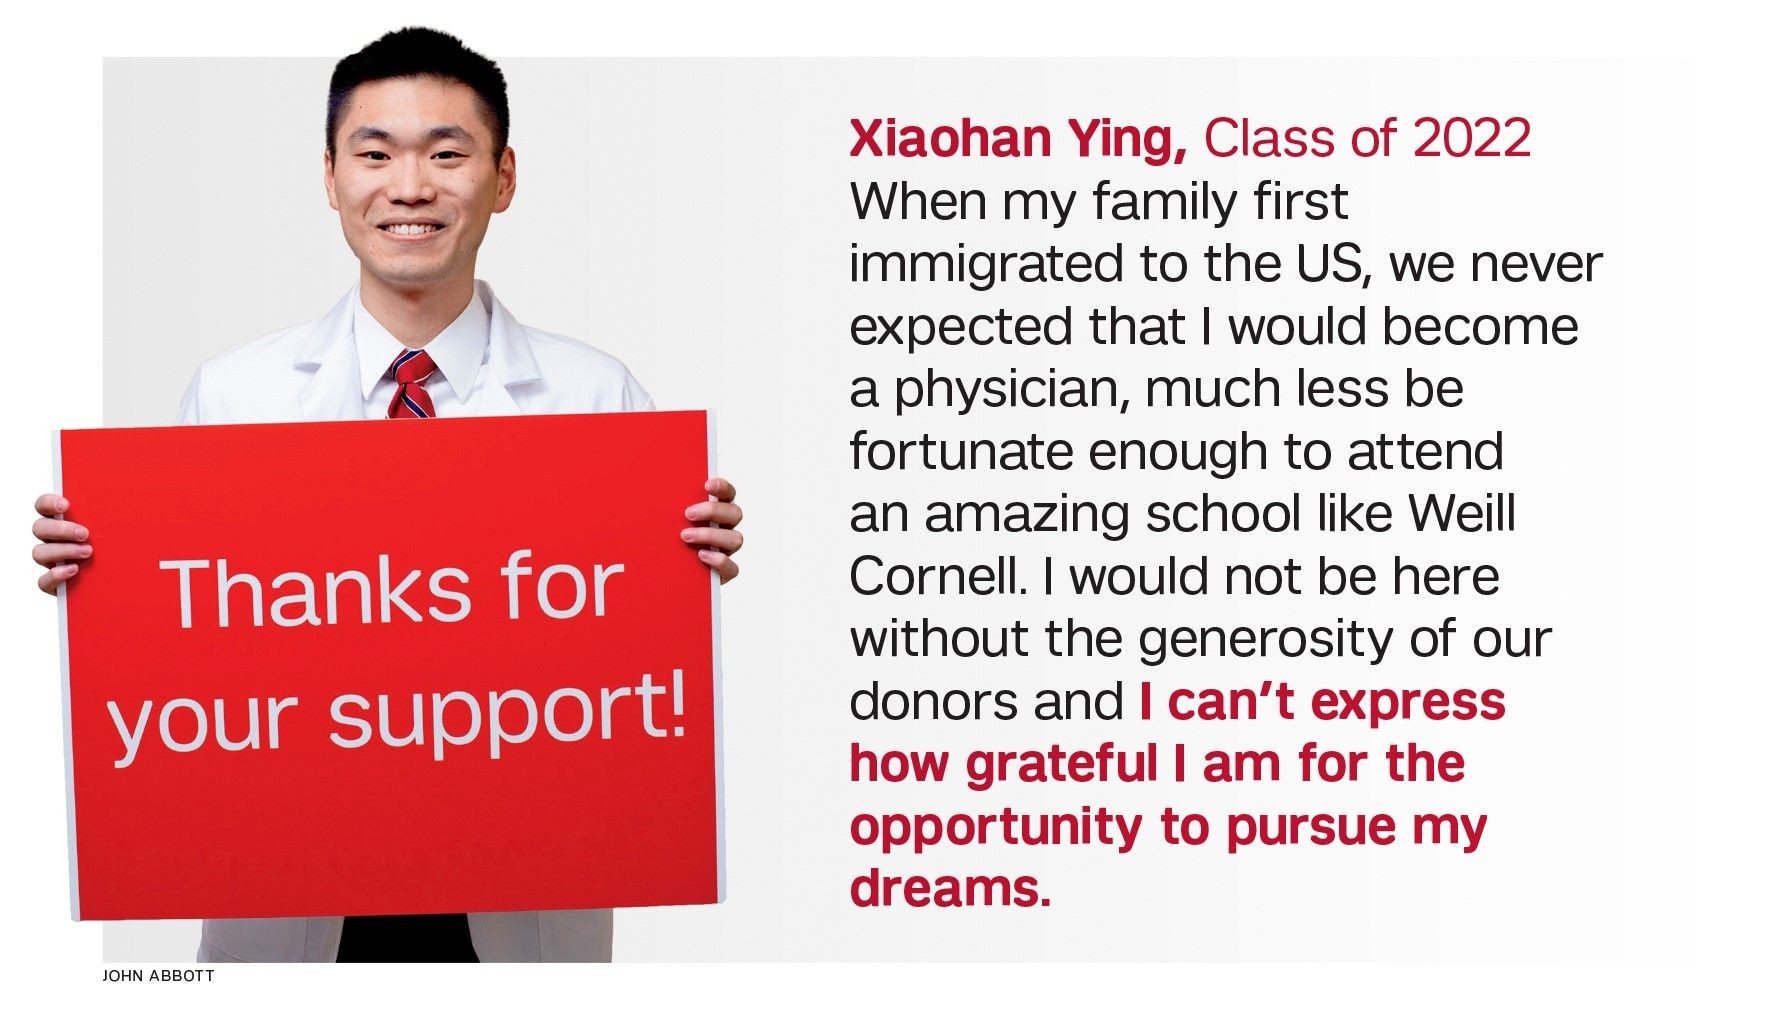 Xiachan Ying, class of 2022